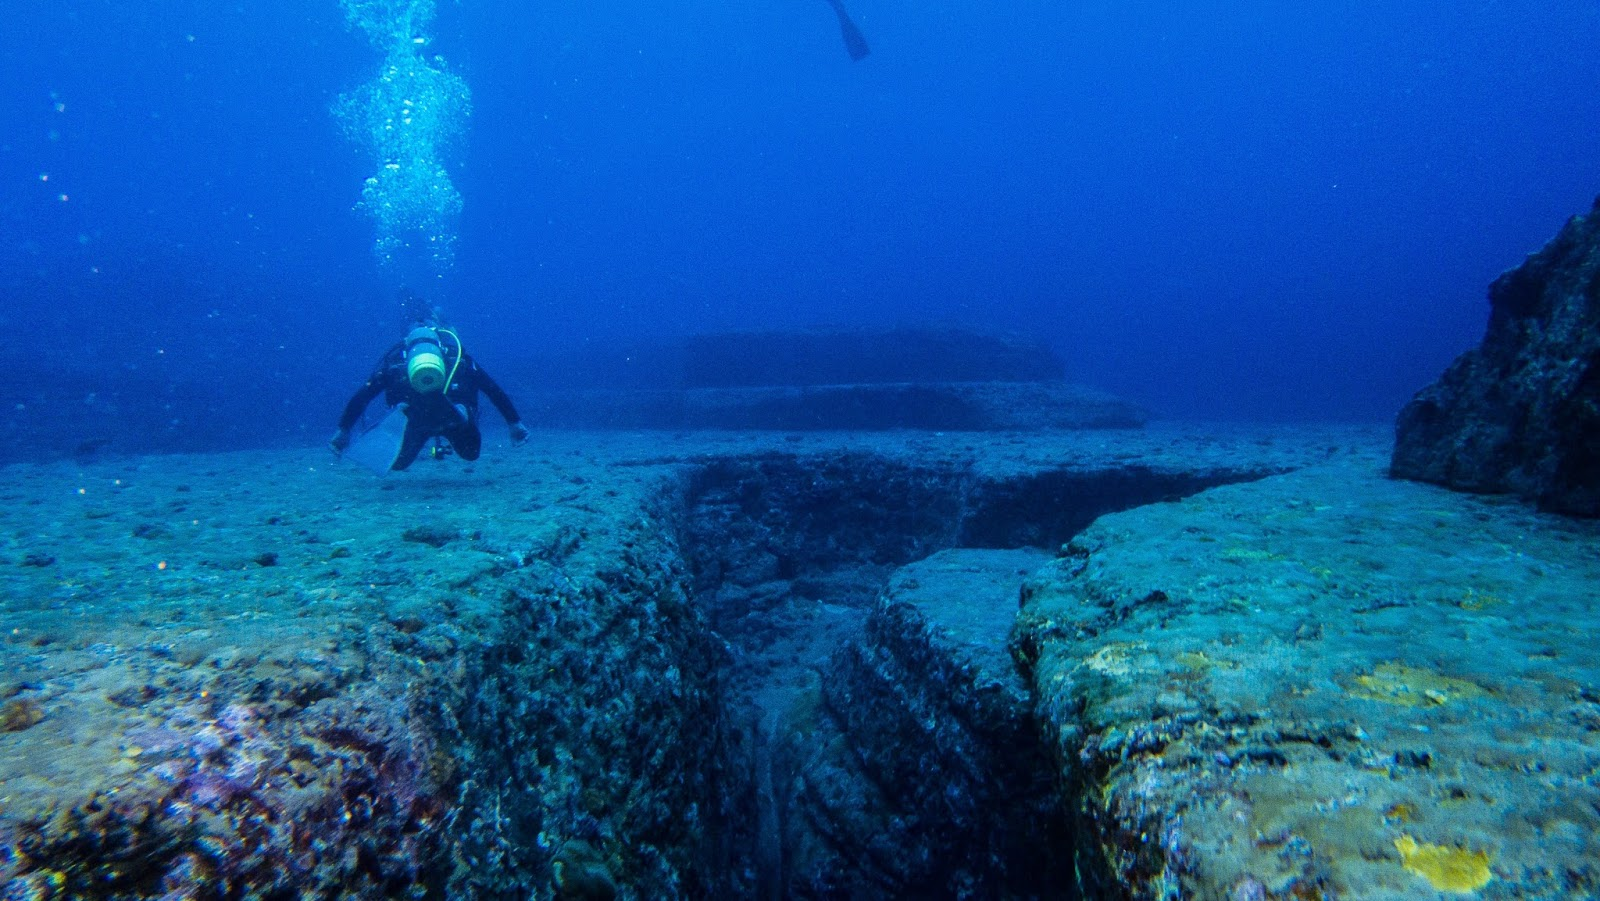 沖繩-潛水-浮潛-與那國島-海底遺跡-推薦-Okinawa-scuba-diving-snorkeling